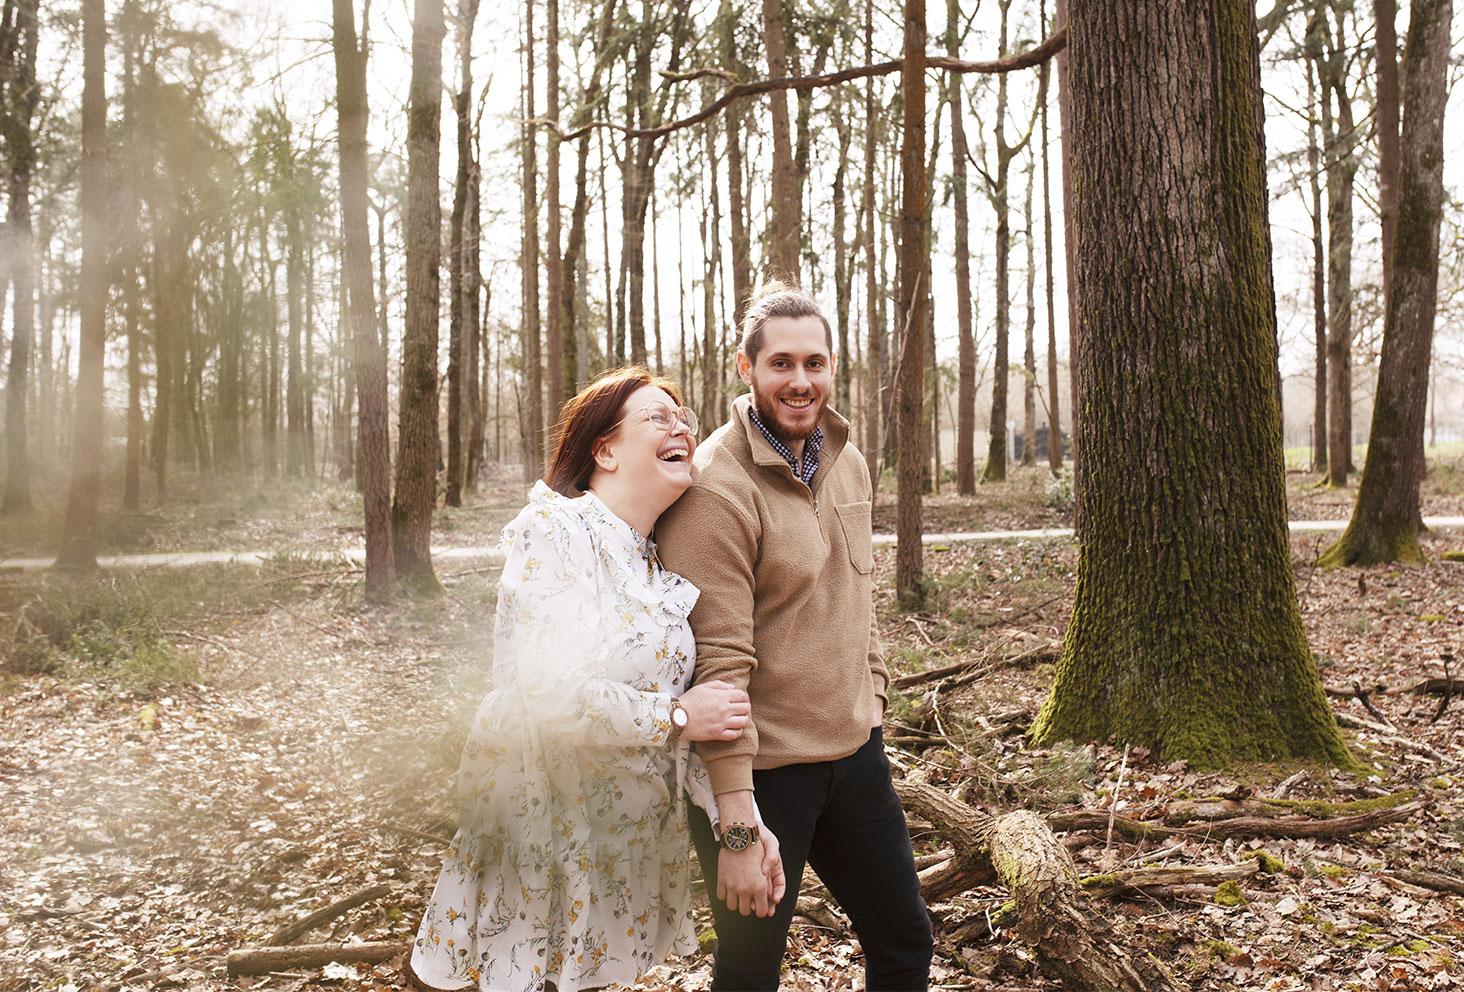 Les montres en bois Nordic Wood portées au milieu de la forêt en couple